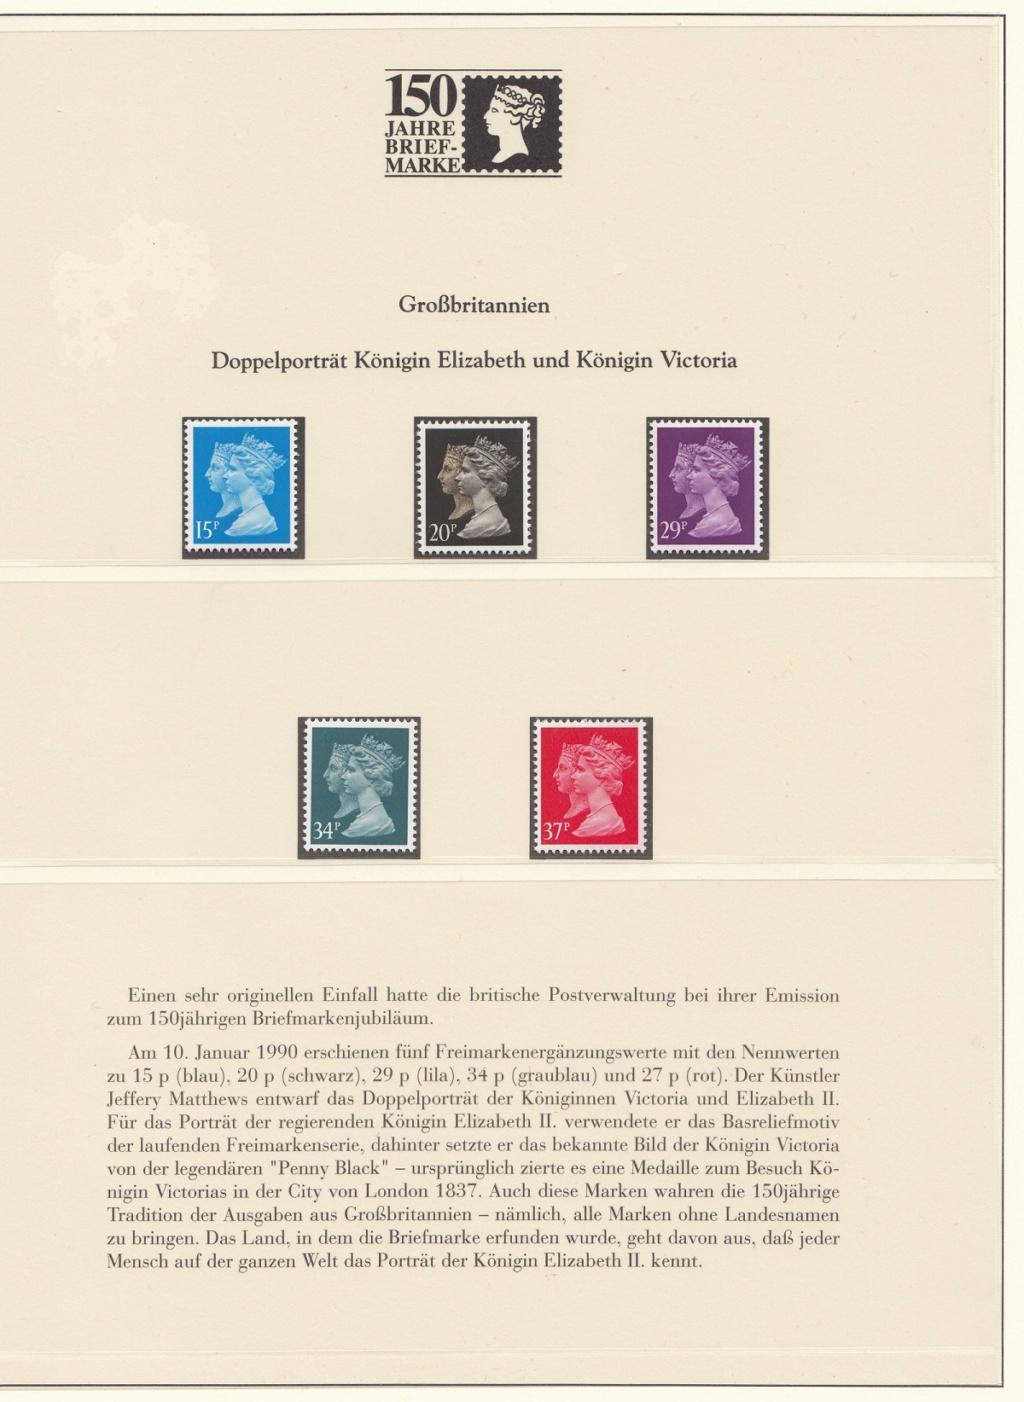 180 Jahre Briefmarke 150-310